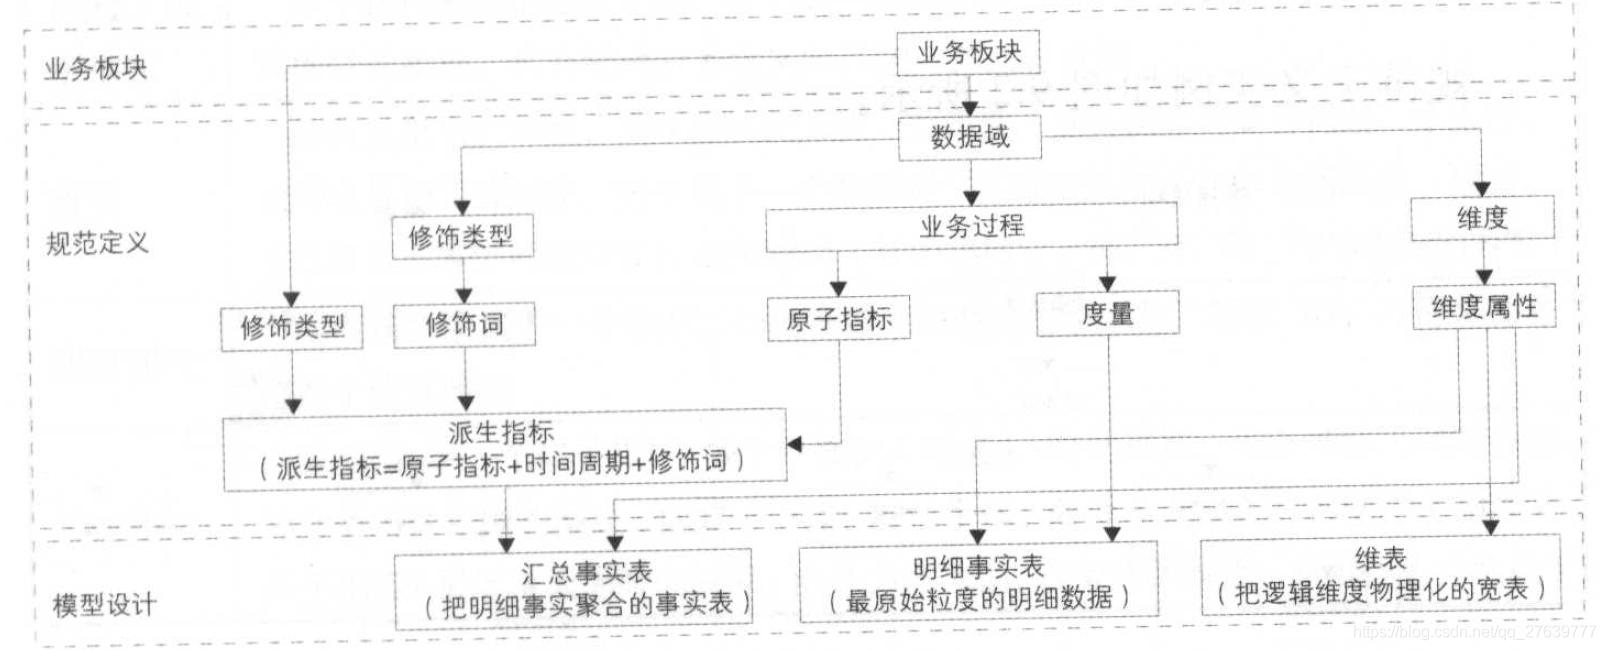 阿里巴巴大数据系统体系架构图